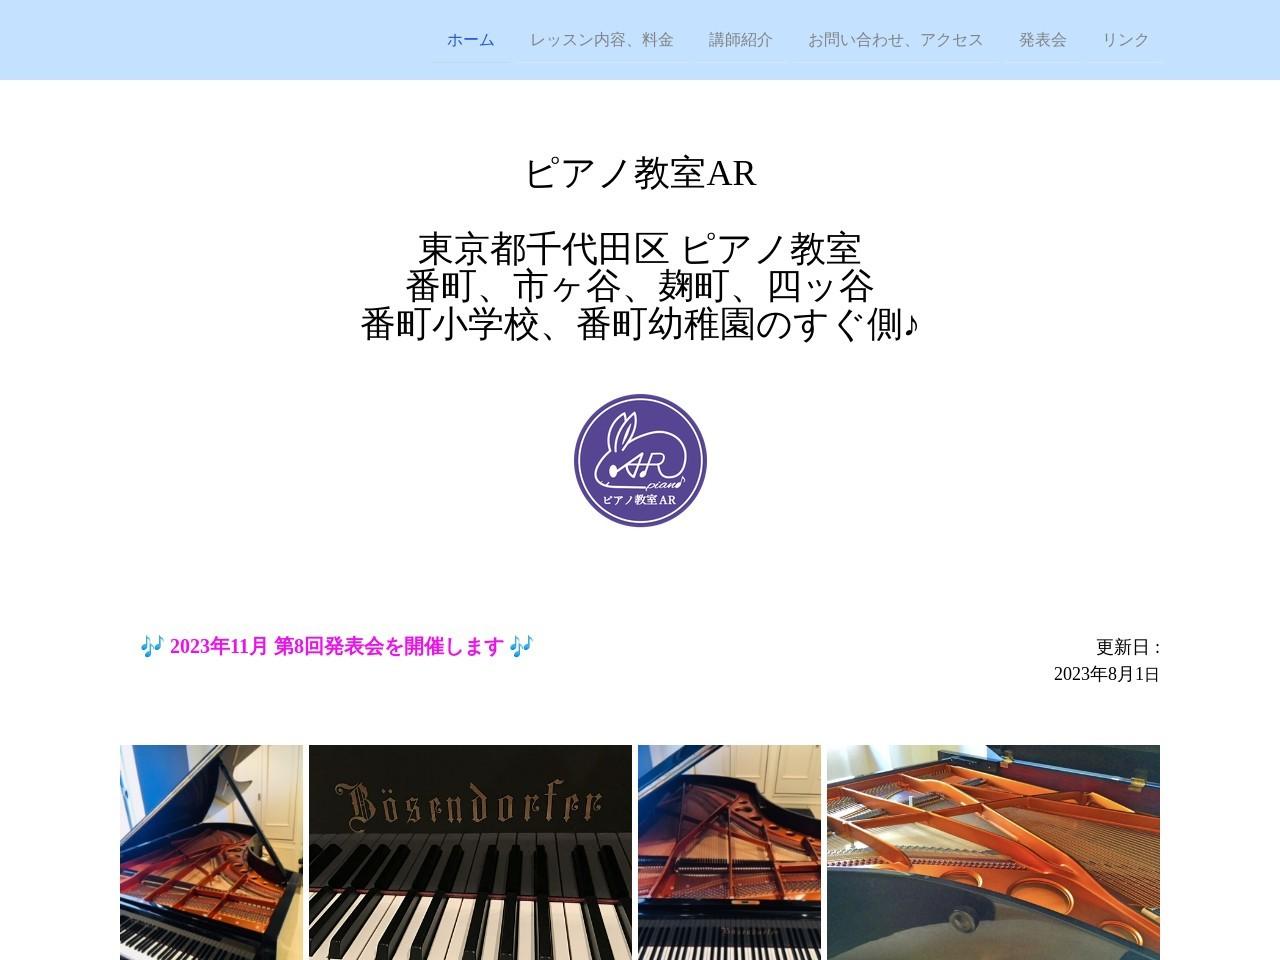 ピアノ教室ARのサムネイル